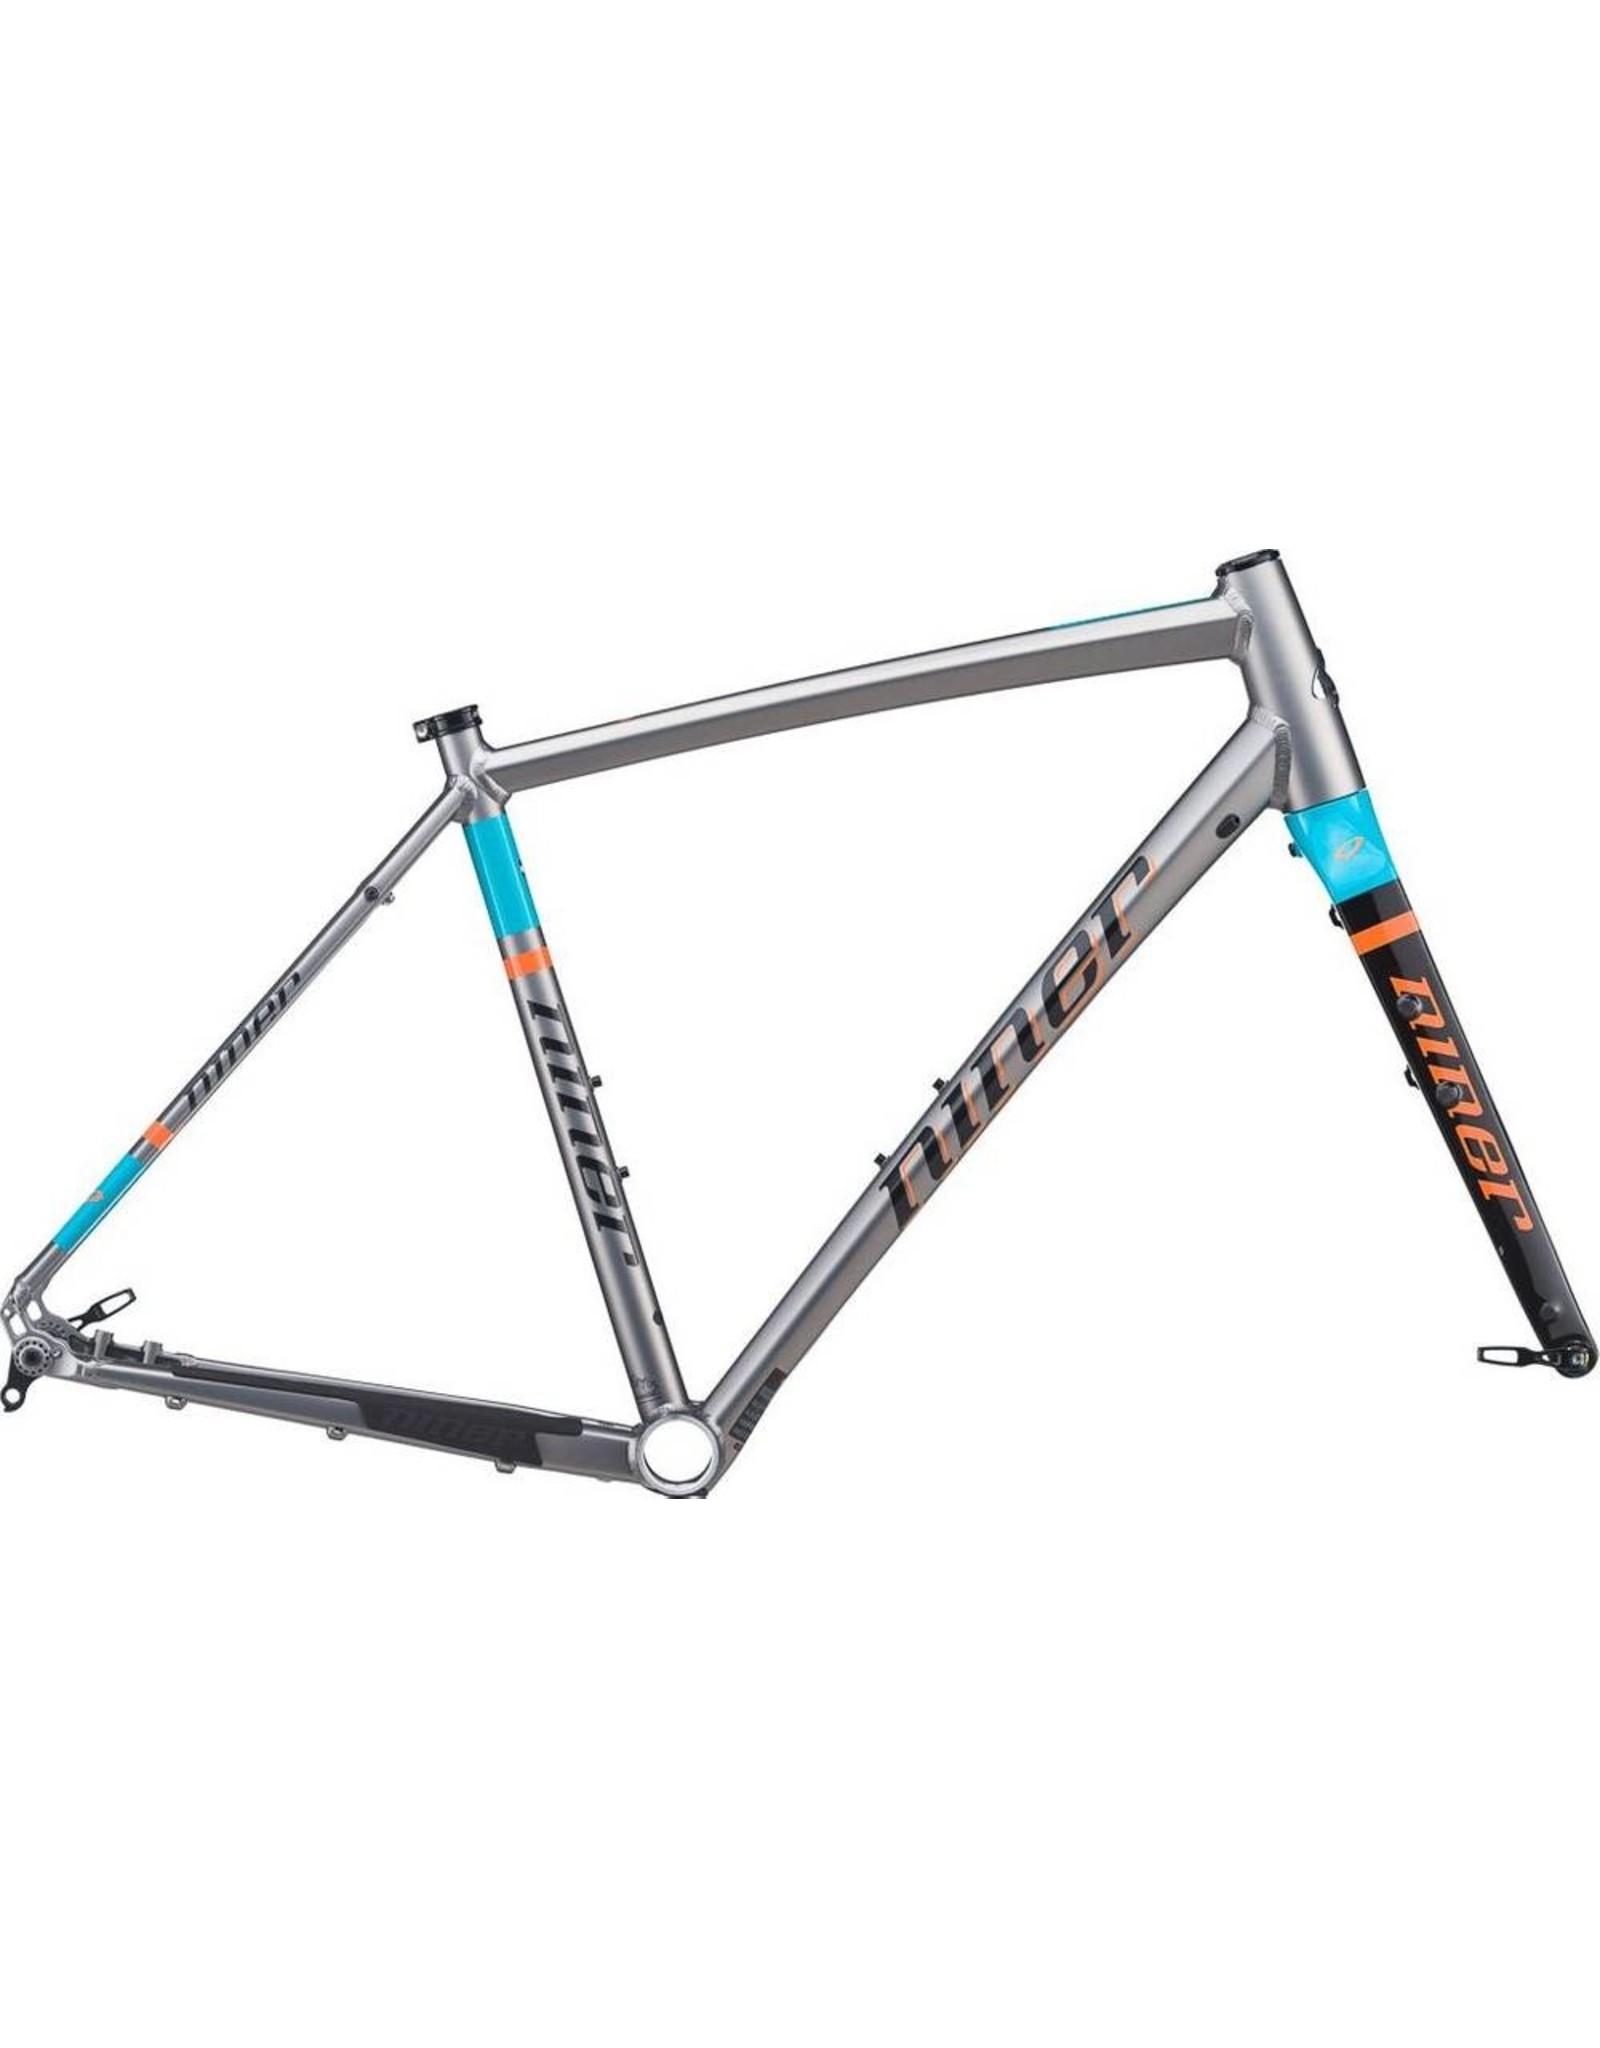 Niner Bikes 2019 Niner RLT 9 2-Star